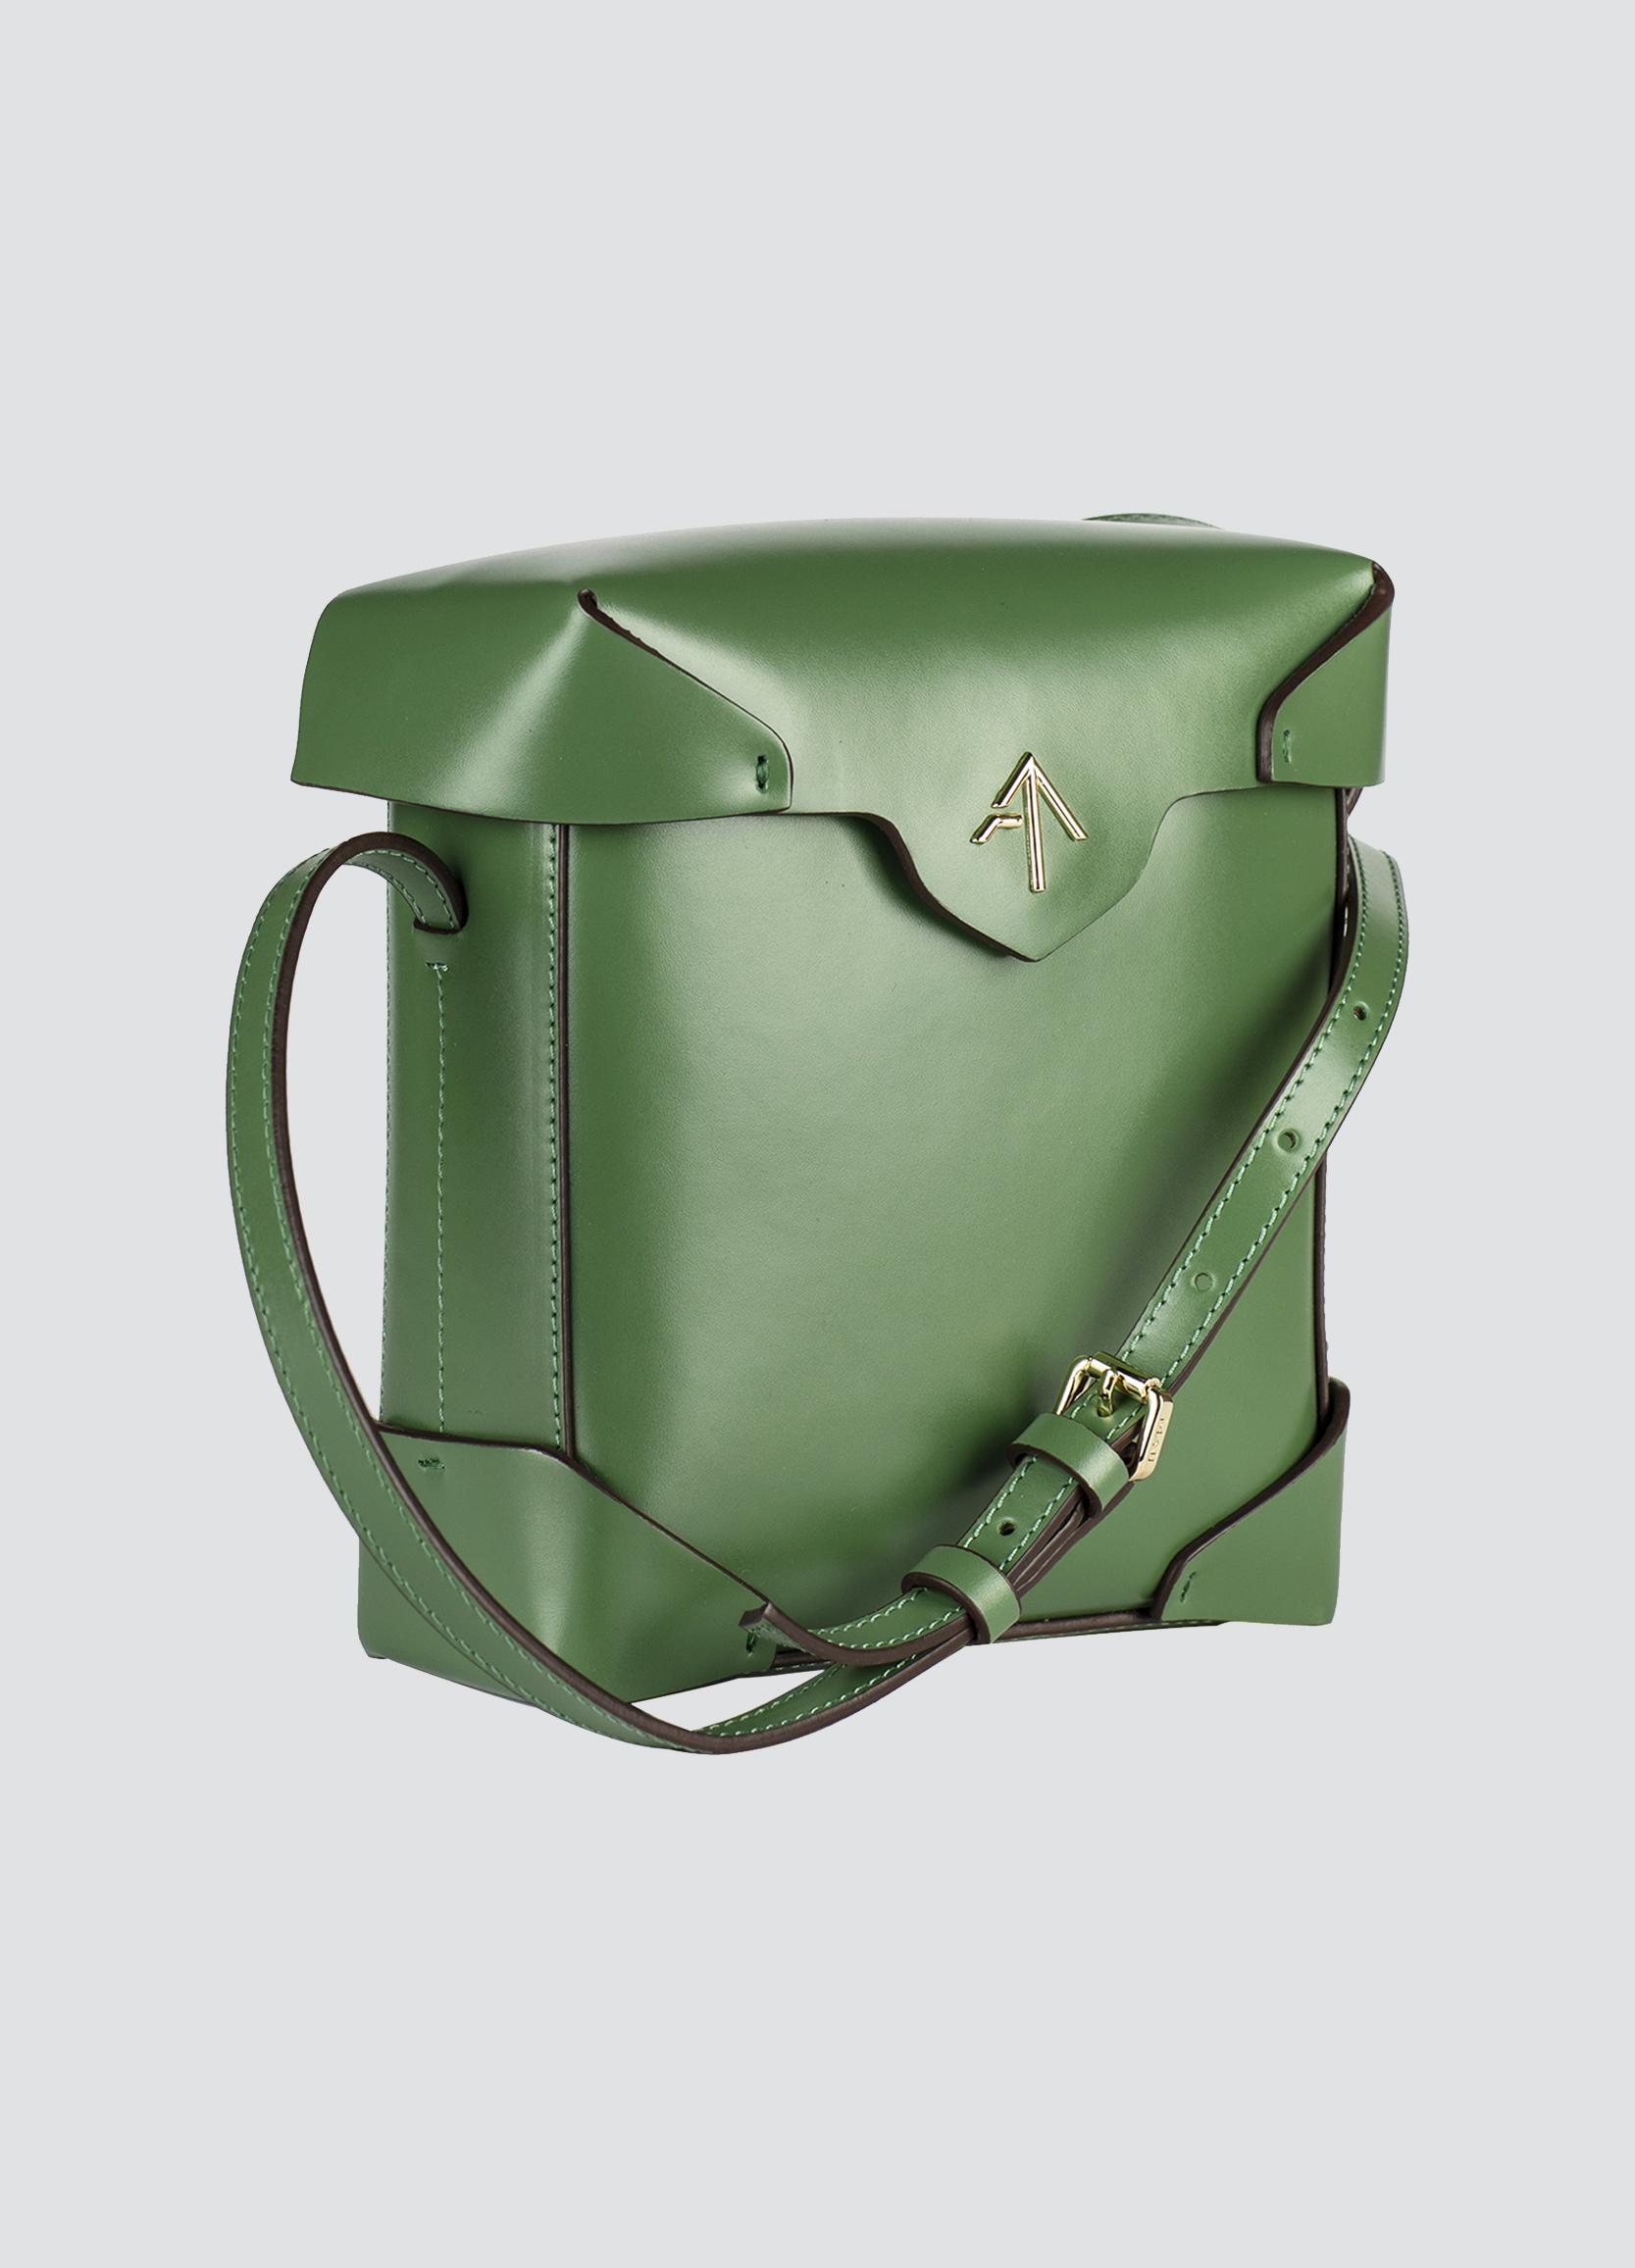 Borse dolcegabbana It 1 Store com Https bag Sicily Donna mnvNO8w0